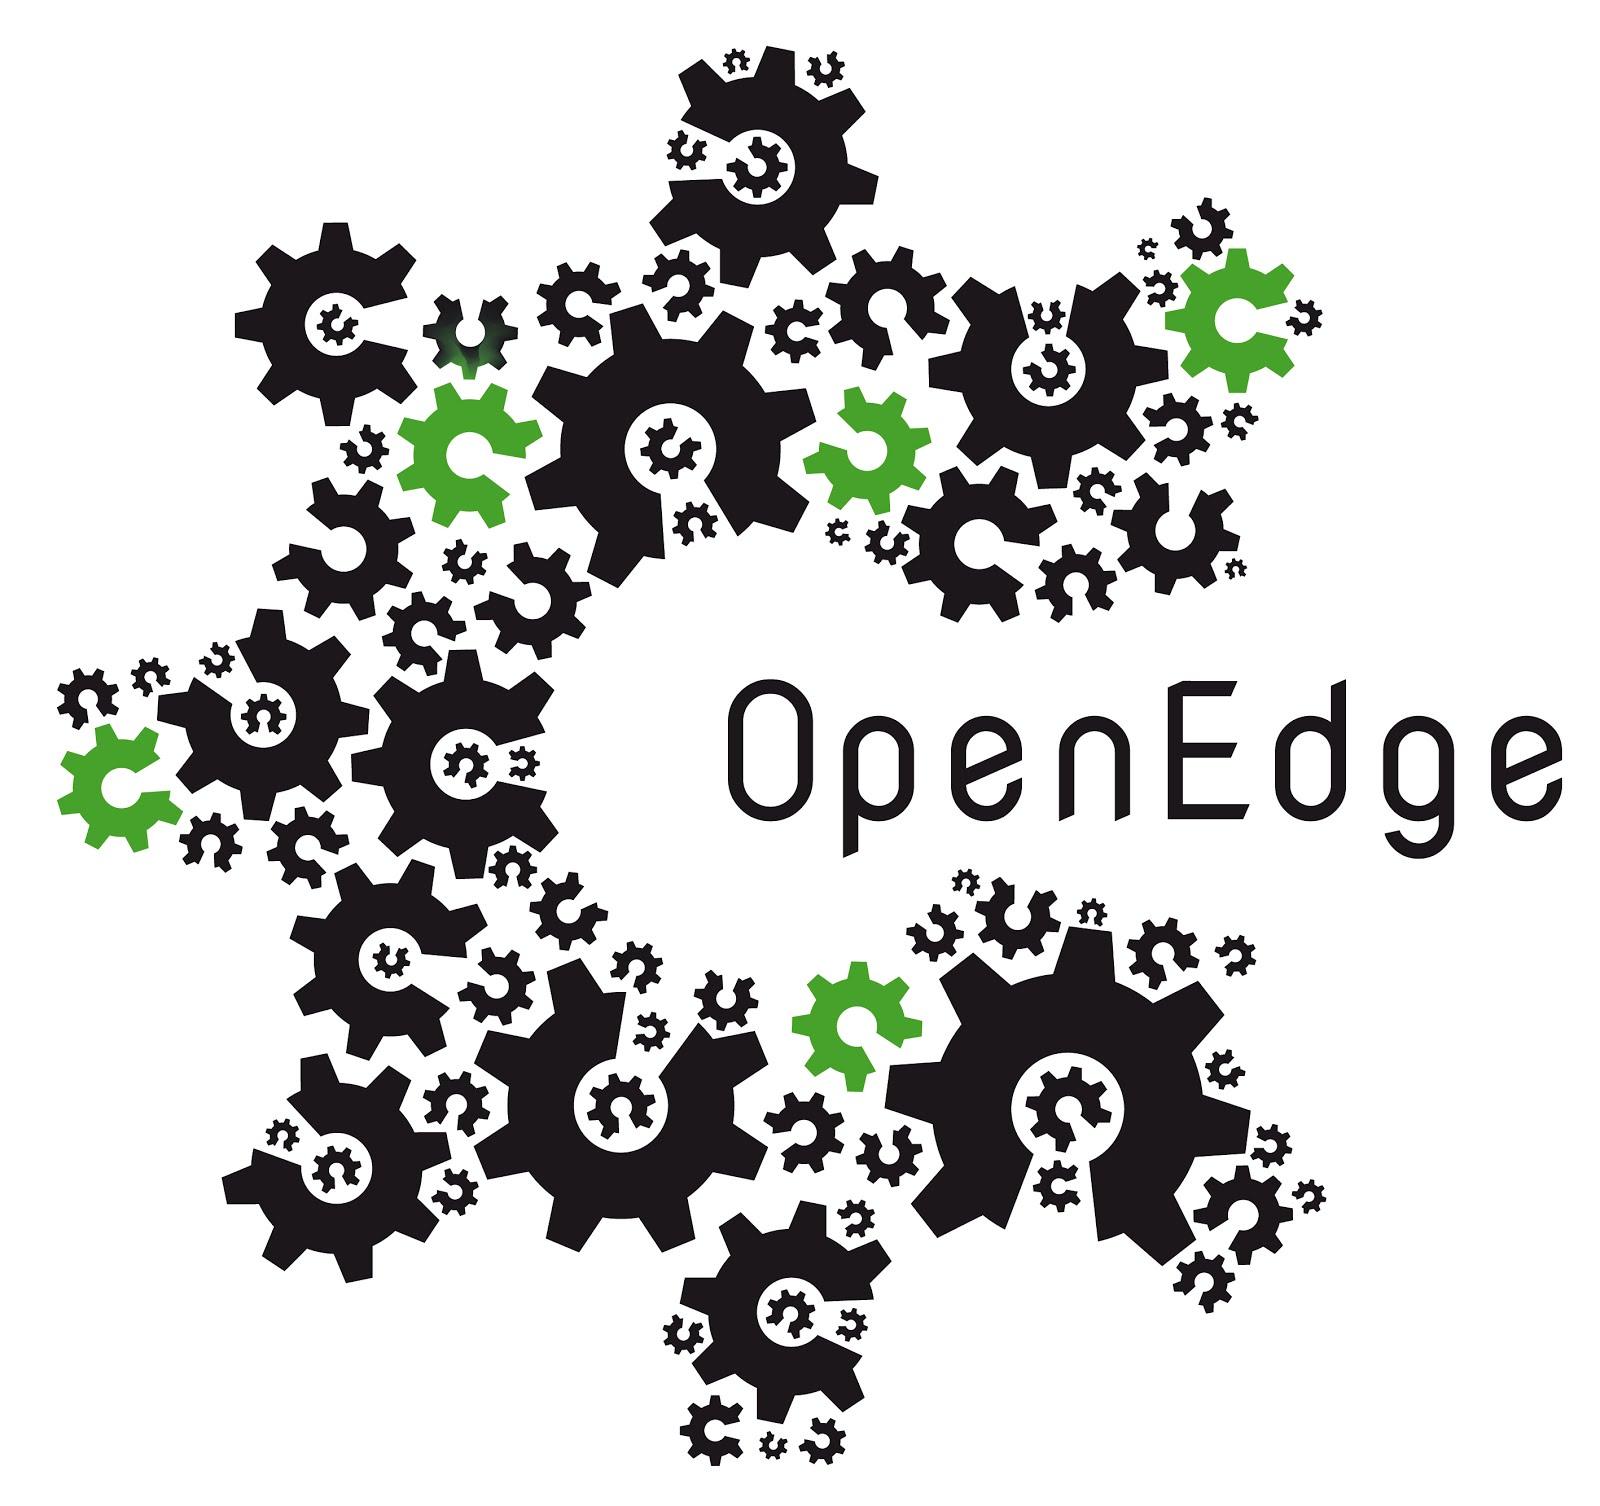 Open Edge